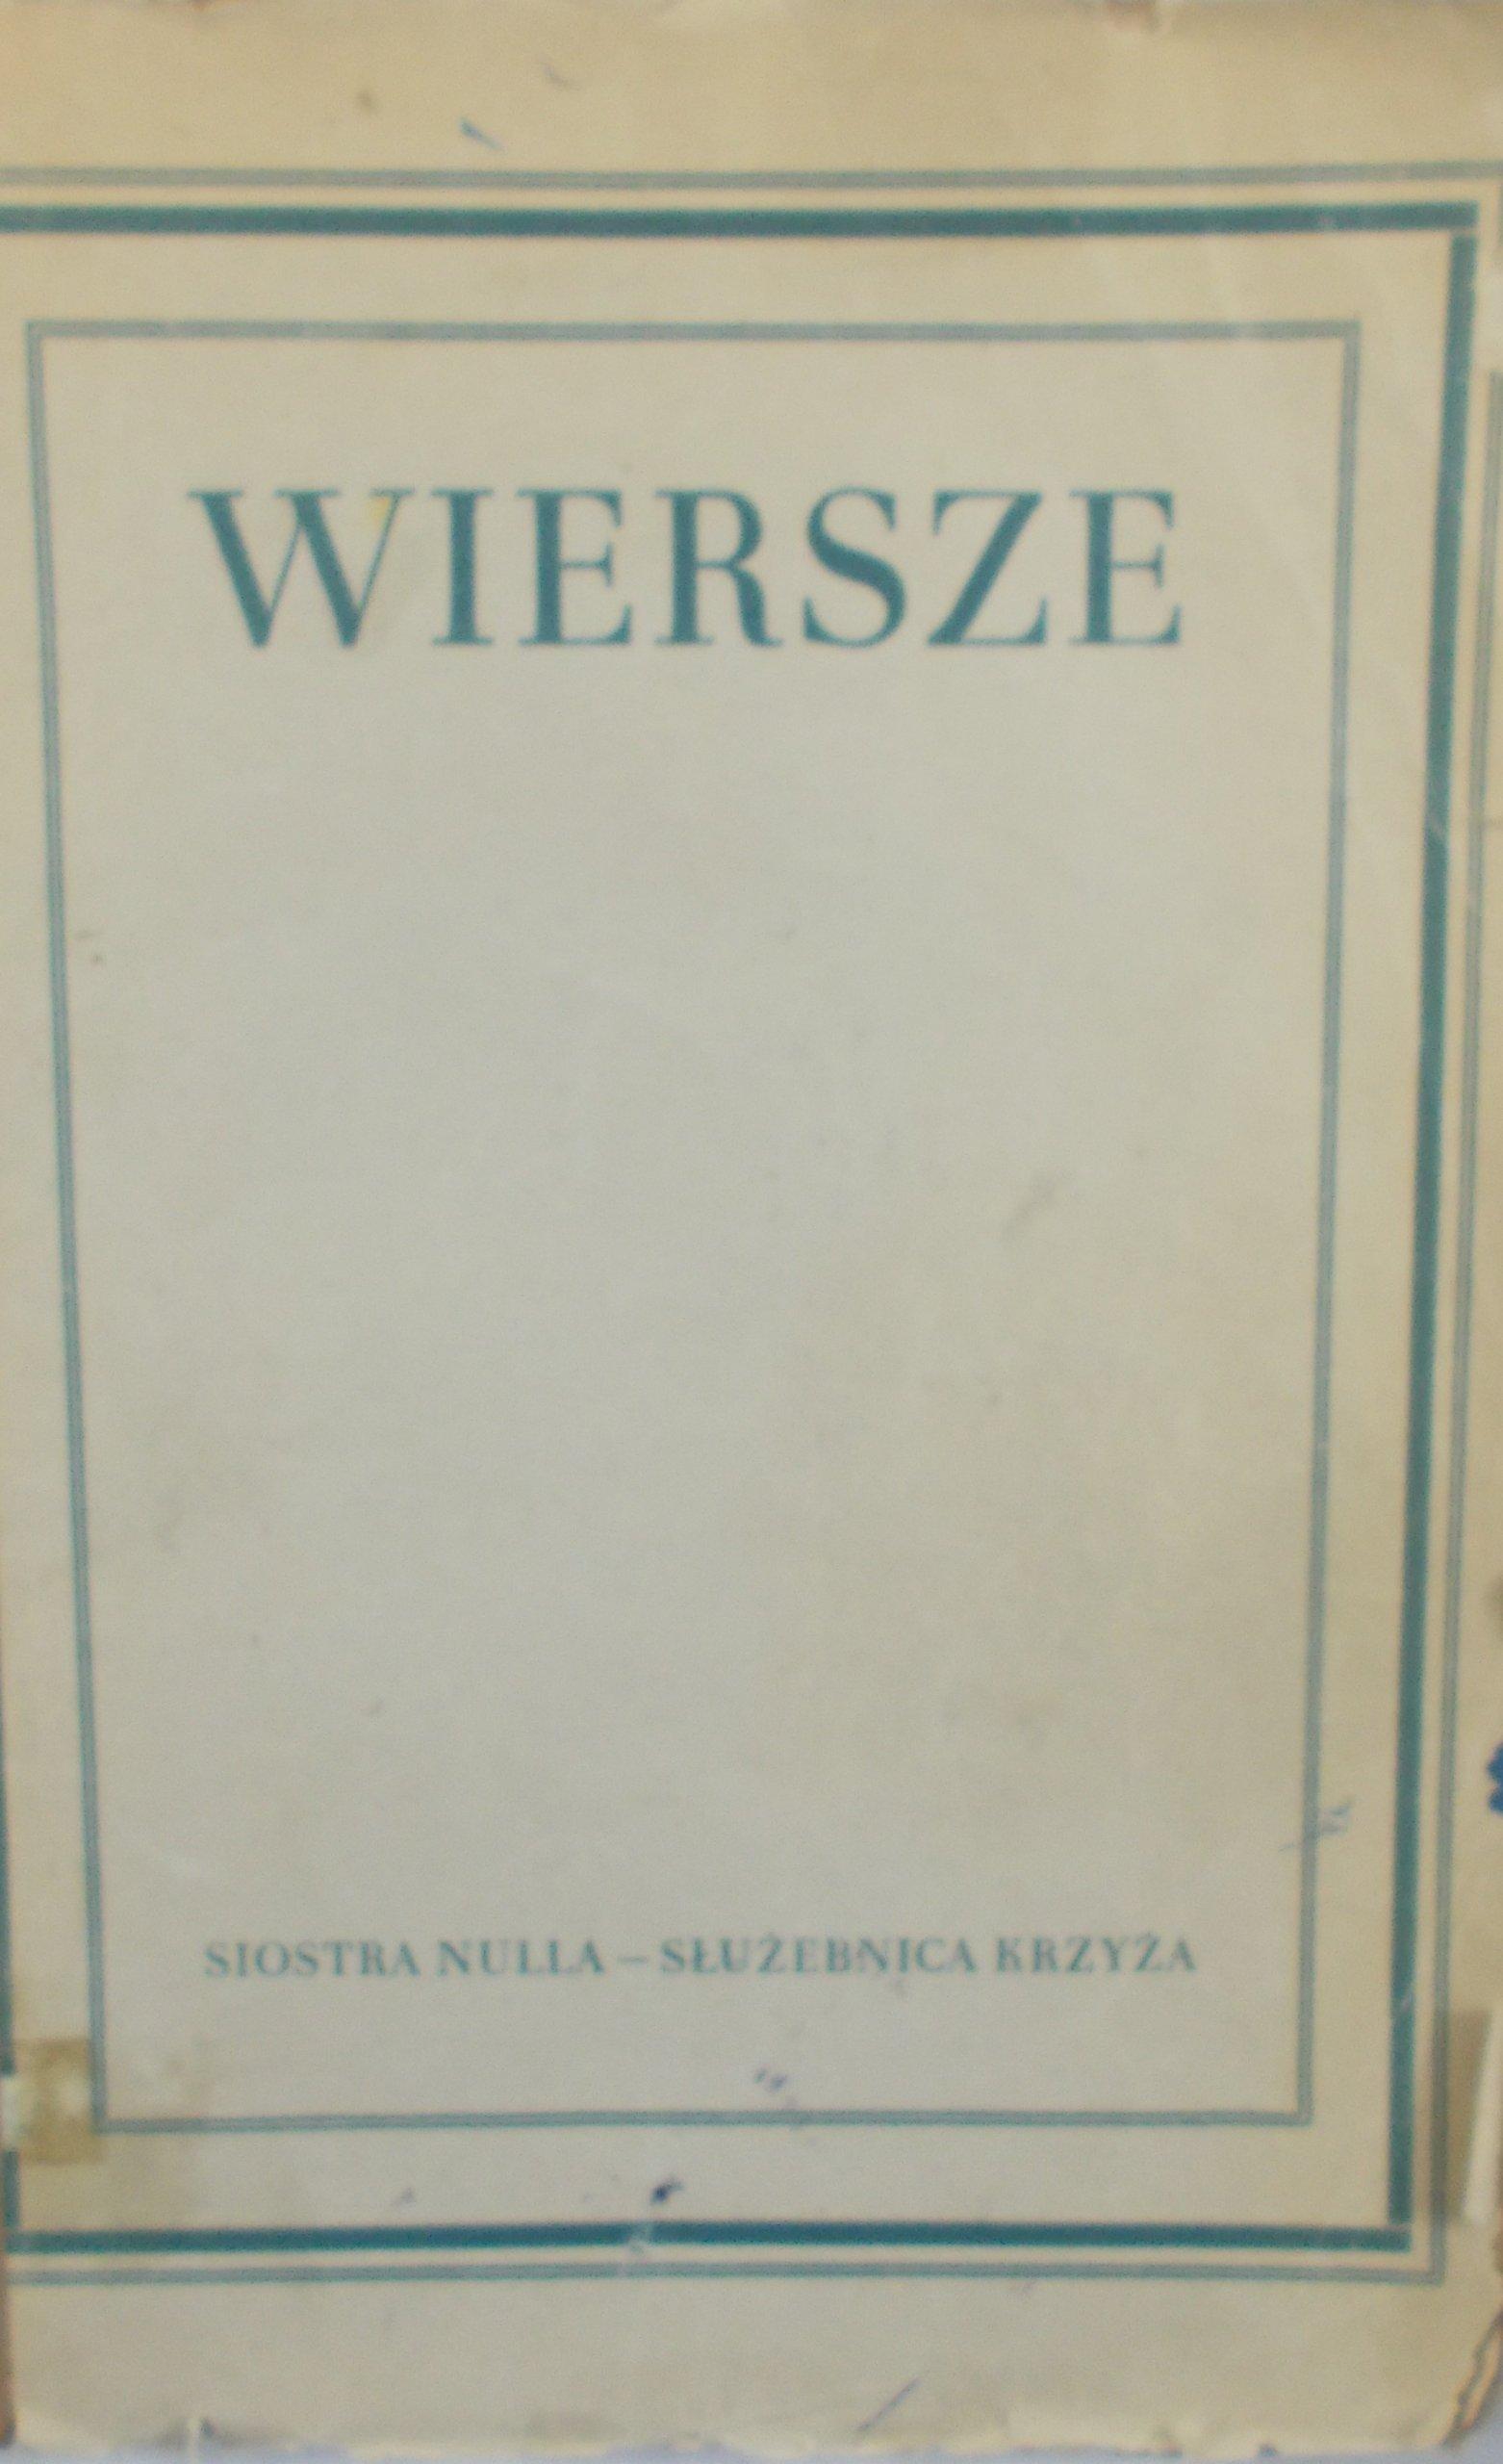 Siostra Nulla Wiersze R 1947 7146552640 Oficjalne